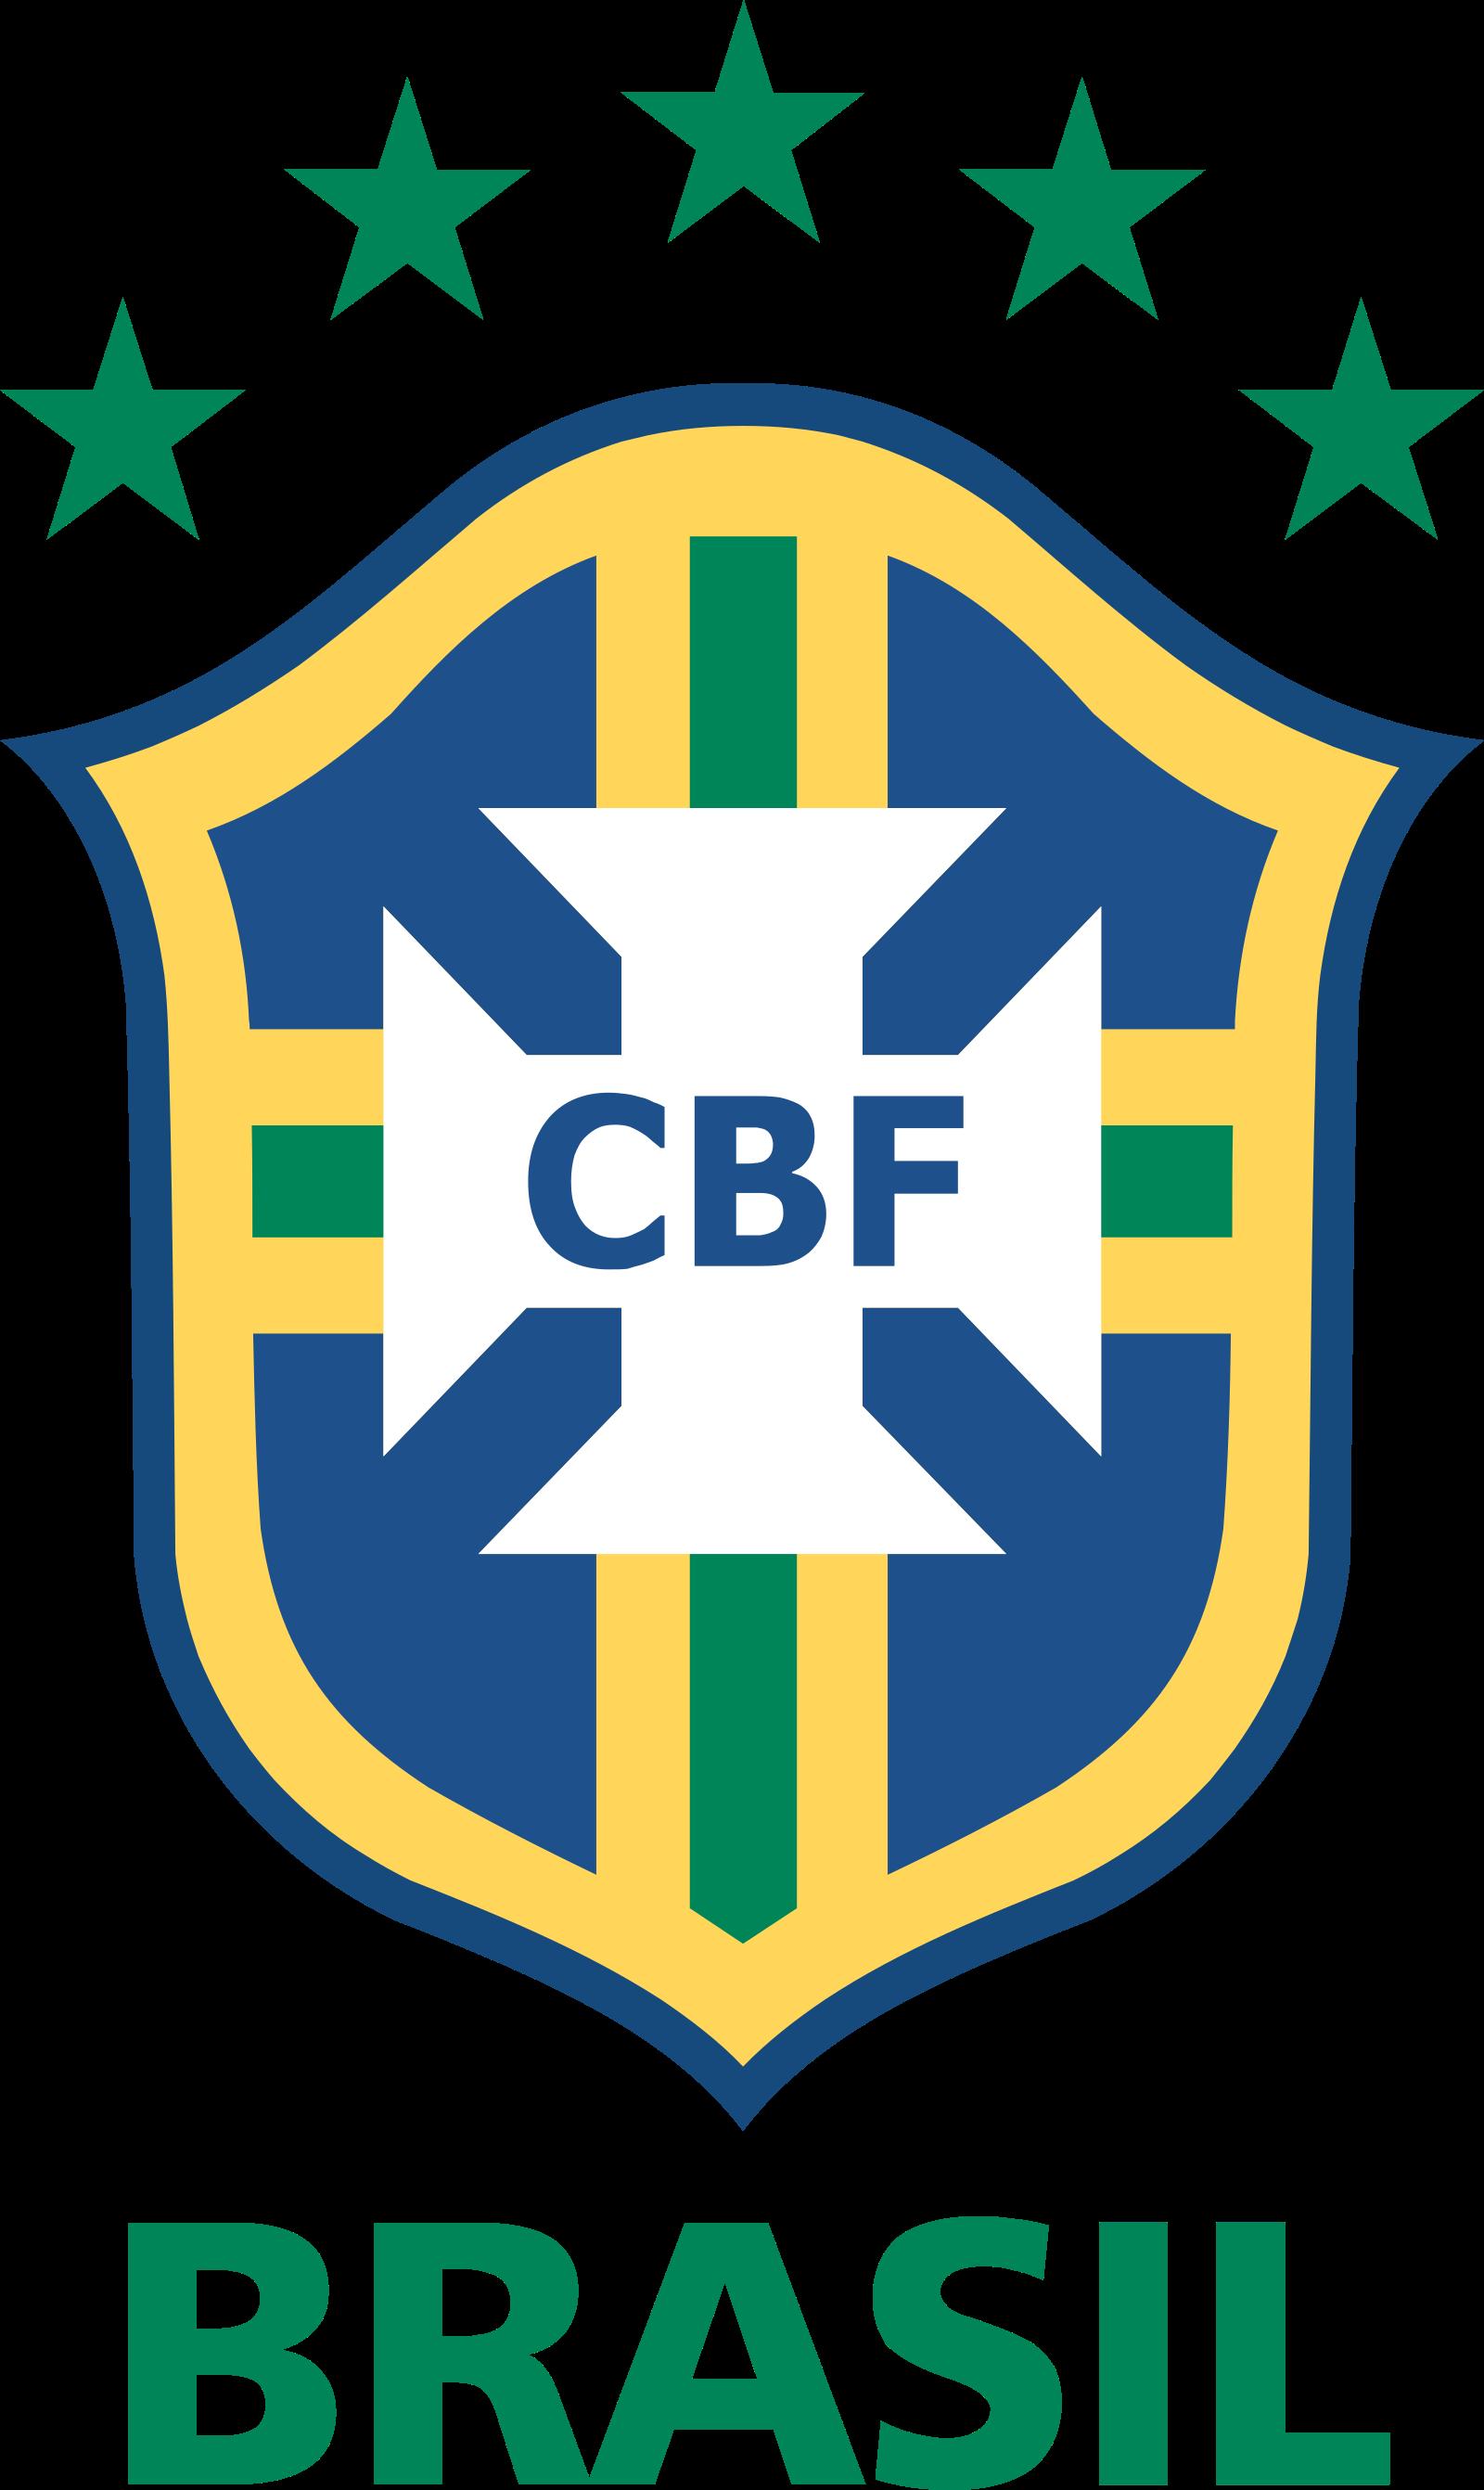 CBF Logo, Confederação Brasileira de Futebol .